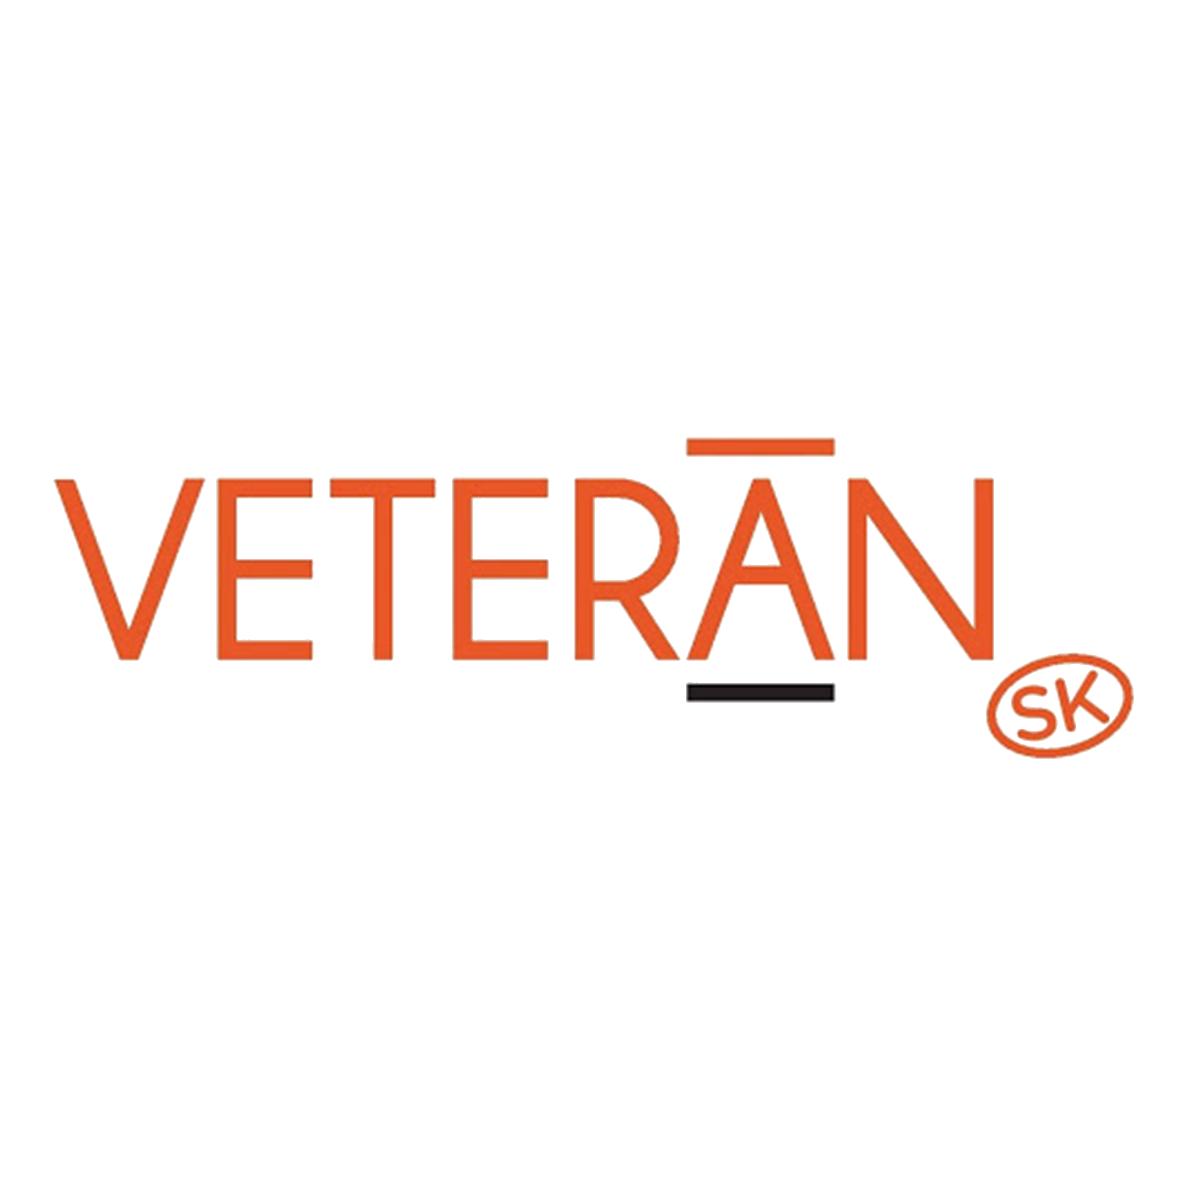 Časopis Veteran SK